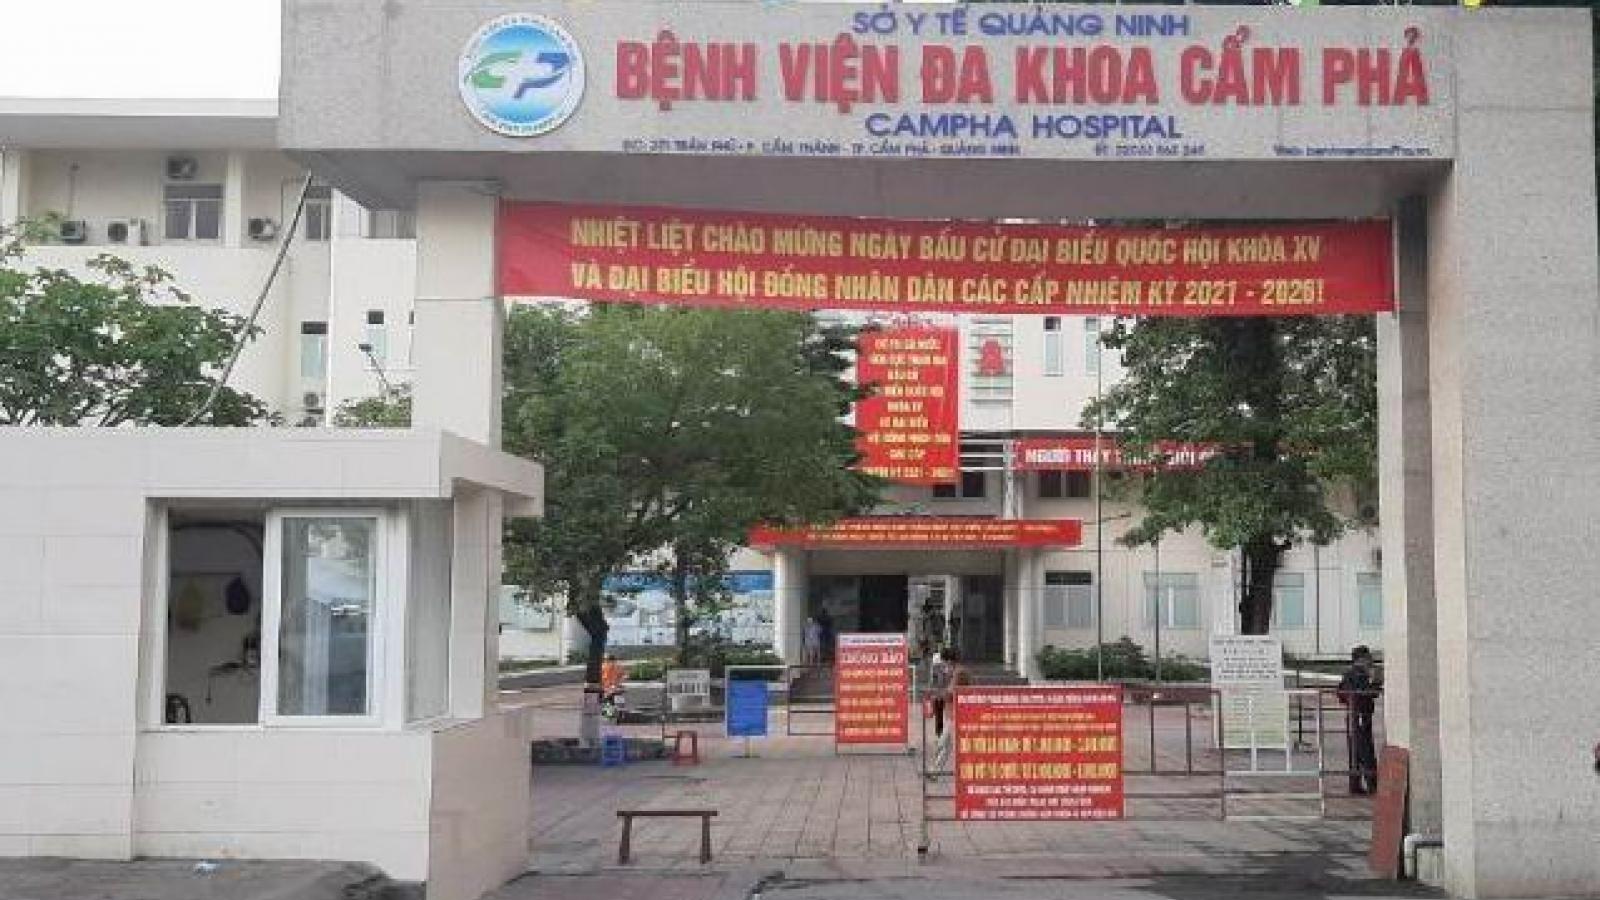 Hai nhân viên y tế tại Quảng Ninh bị kỷ luật do vi phạm quy định phòng chống dịch